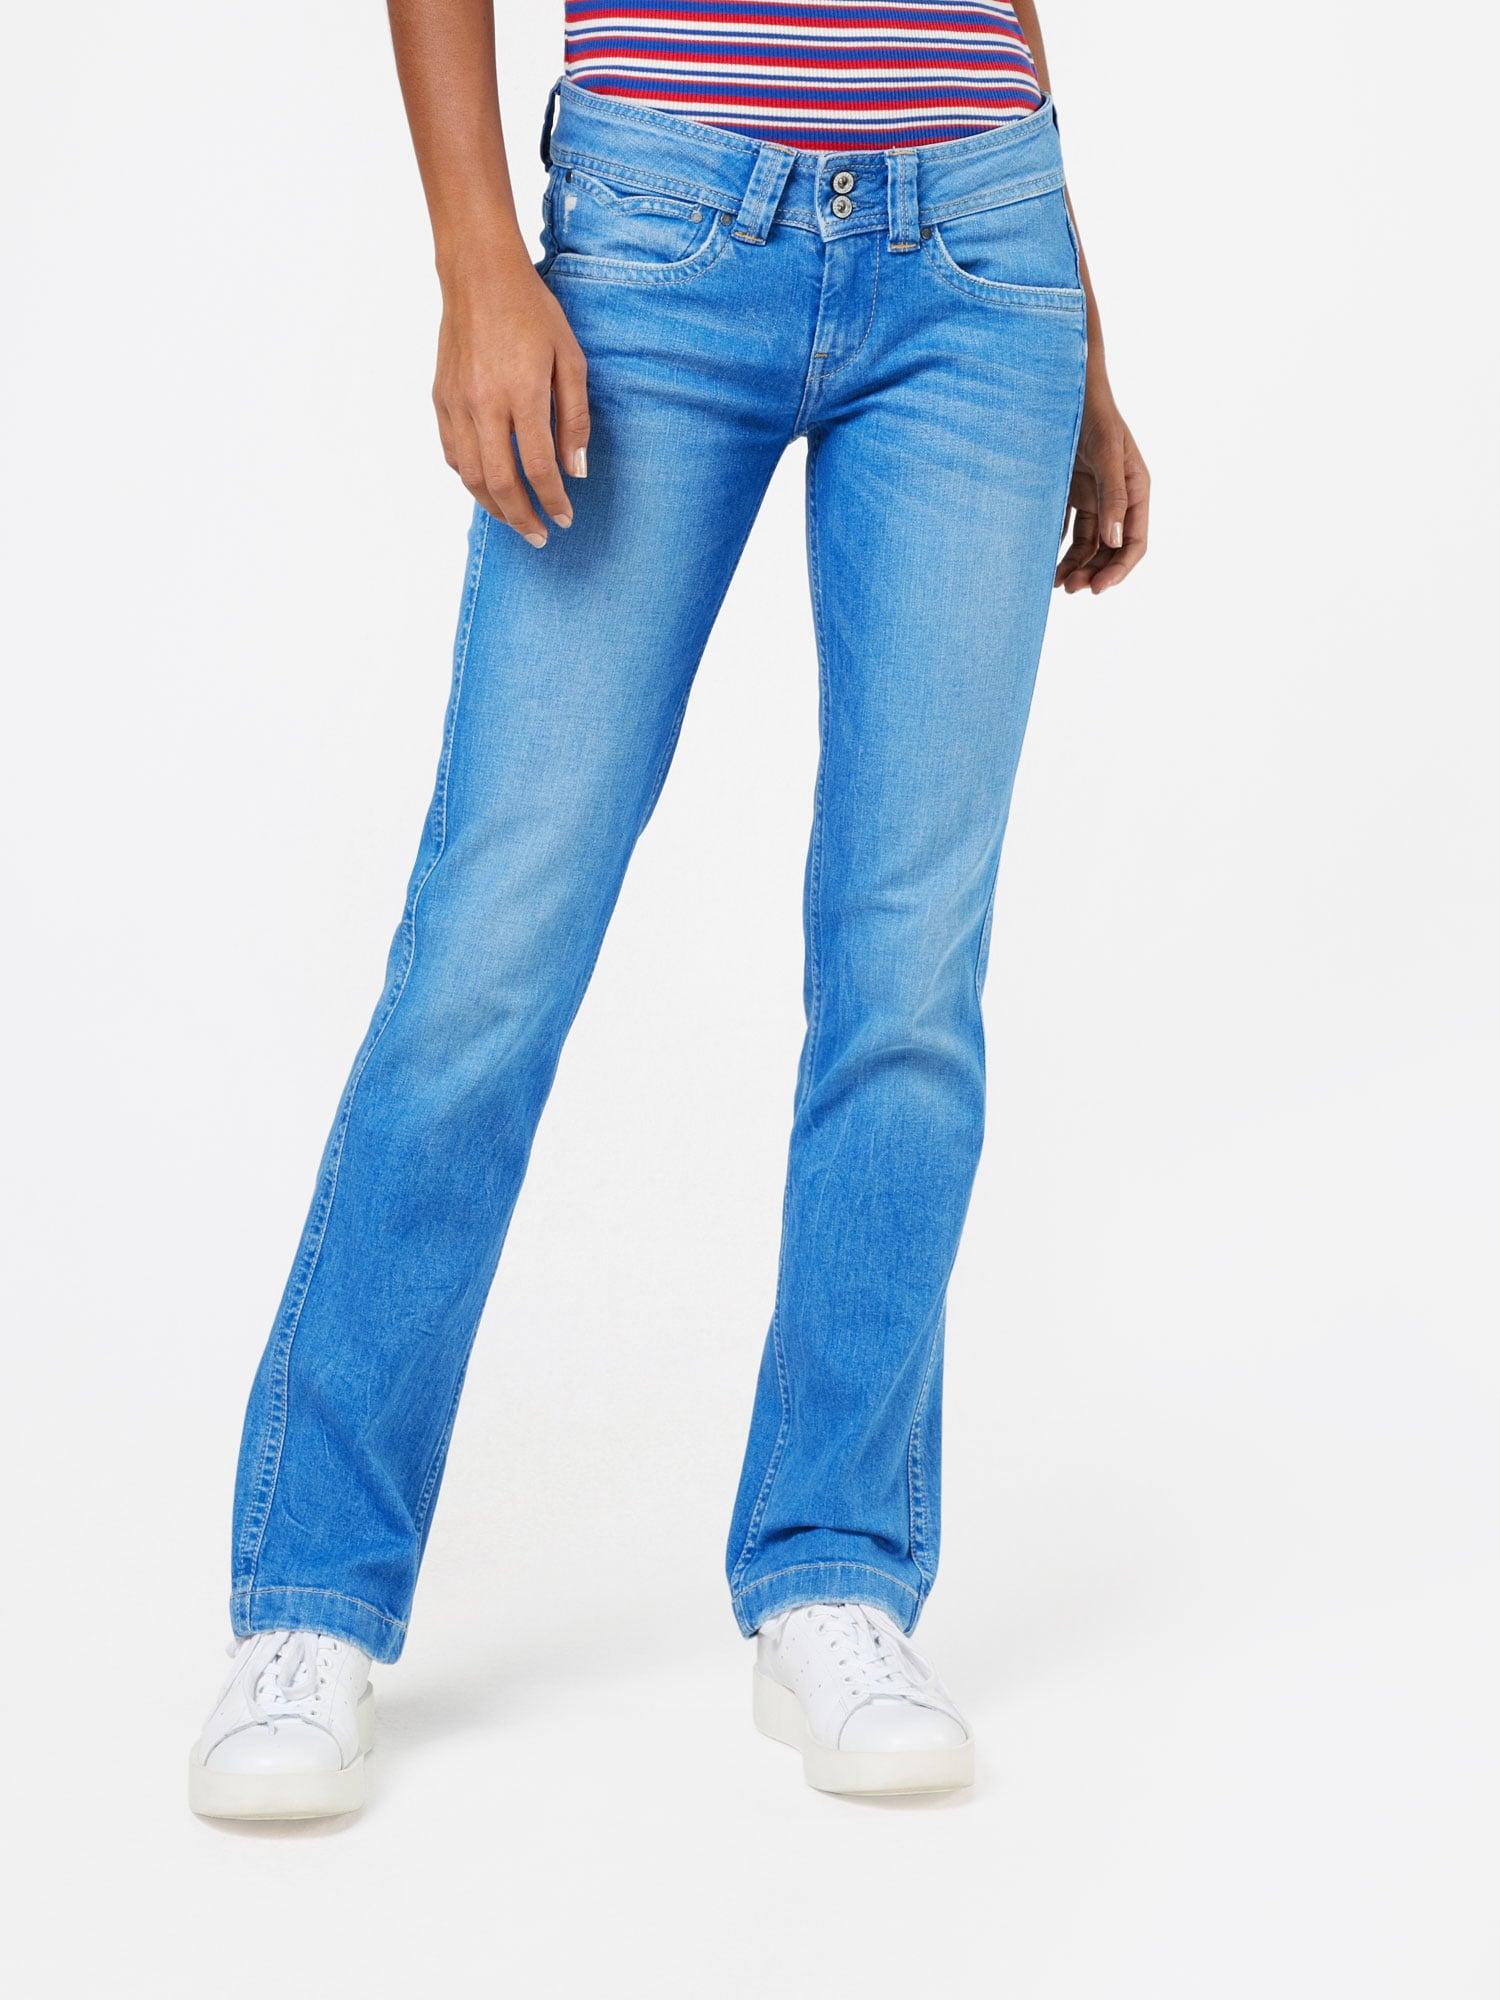 Pepe Jeans Denim Gerade geschnittene Jeans 'Banji' in Blau 3gof7